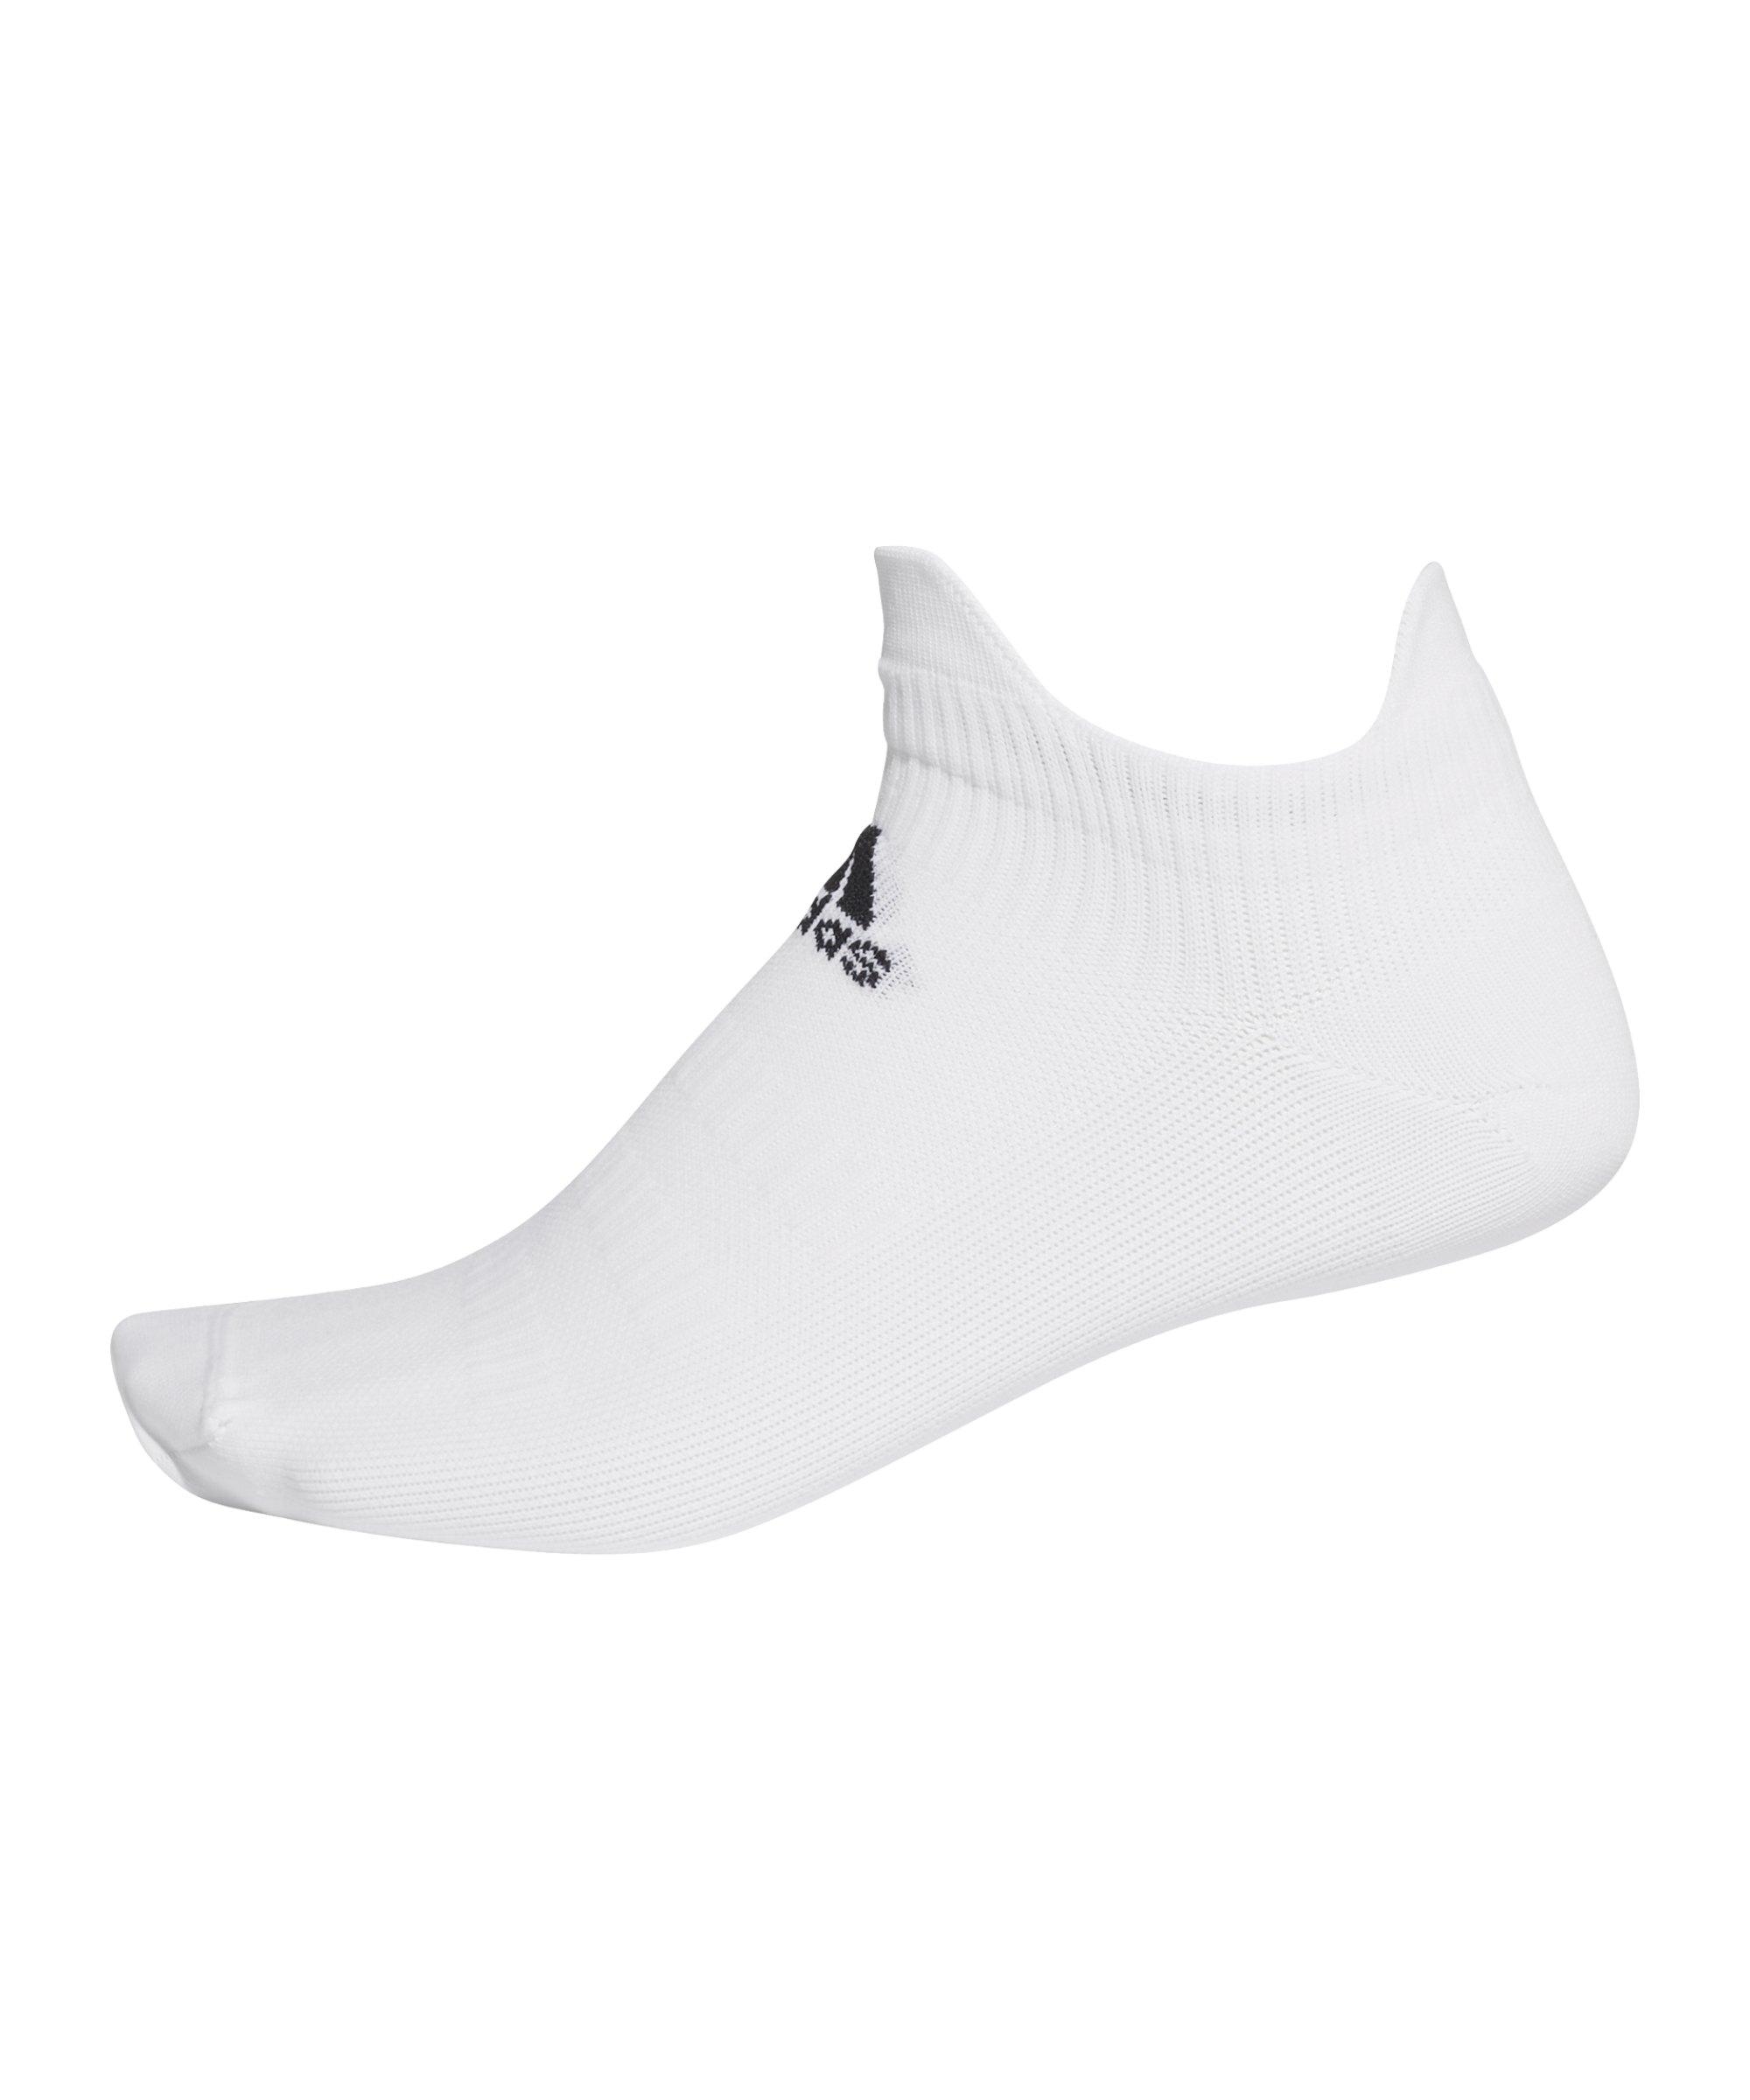 adidas Alphaskin Low UL Socken Weiss - weiss